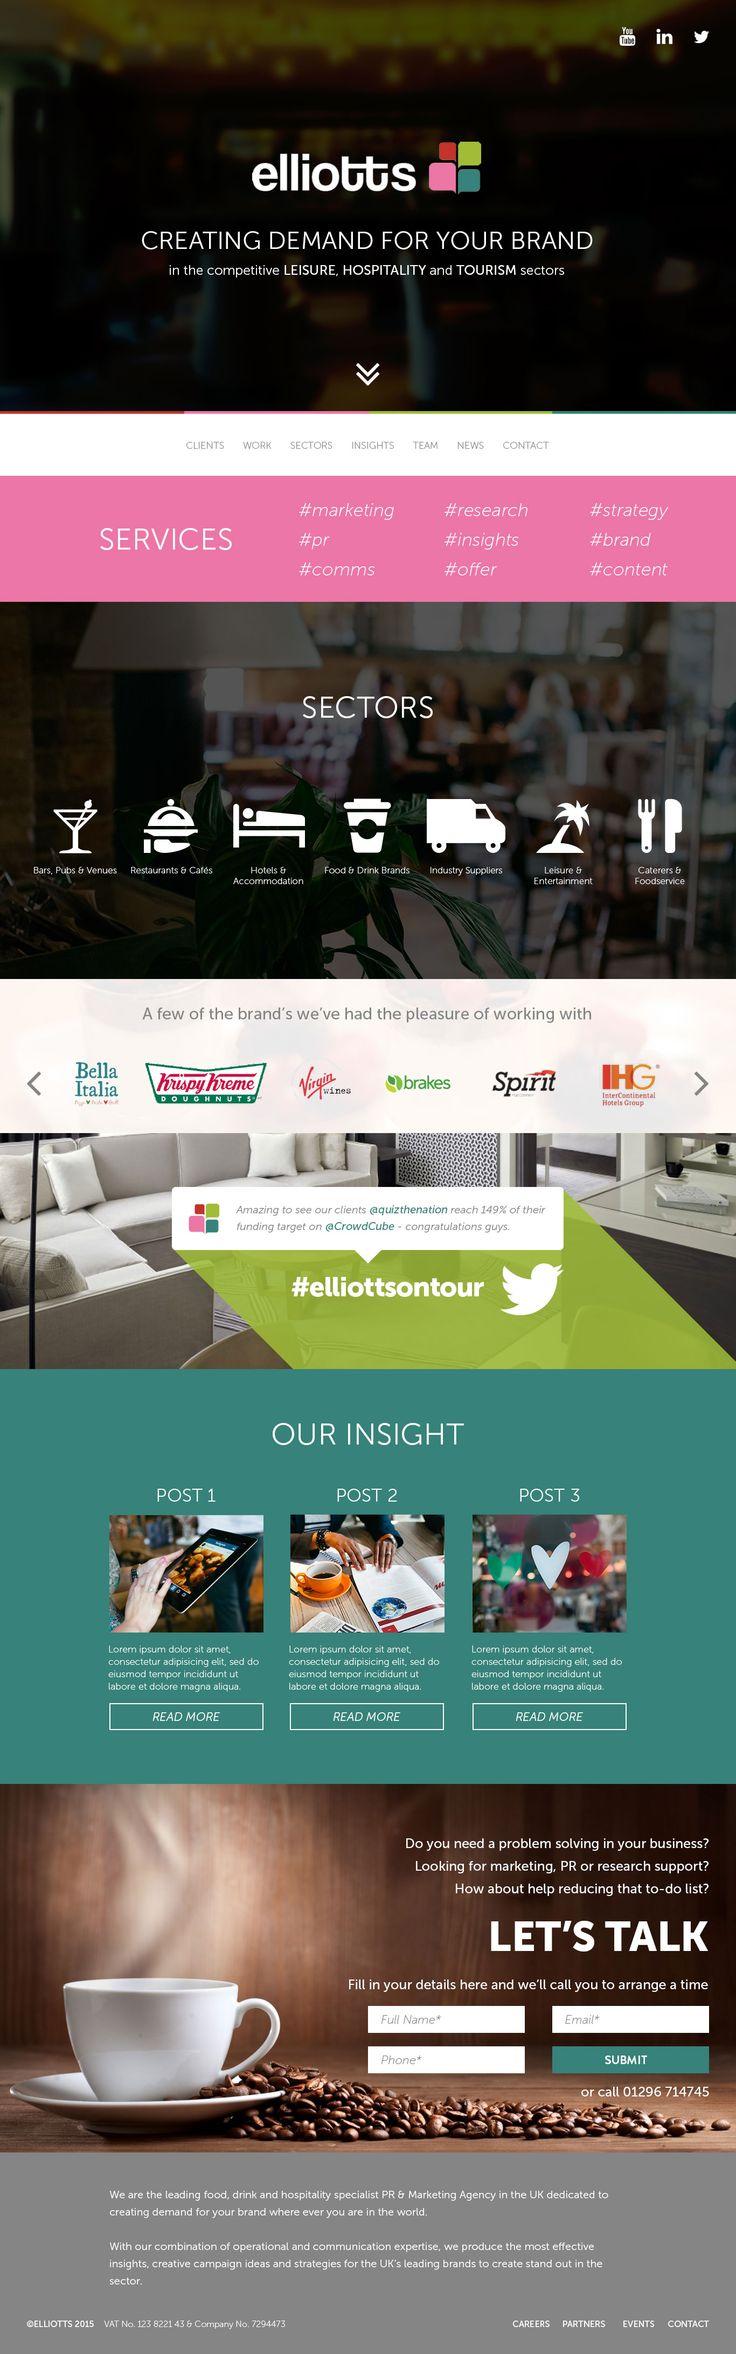 Website design for Elliots Agency in the UK.